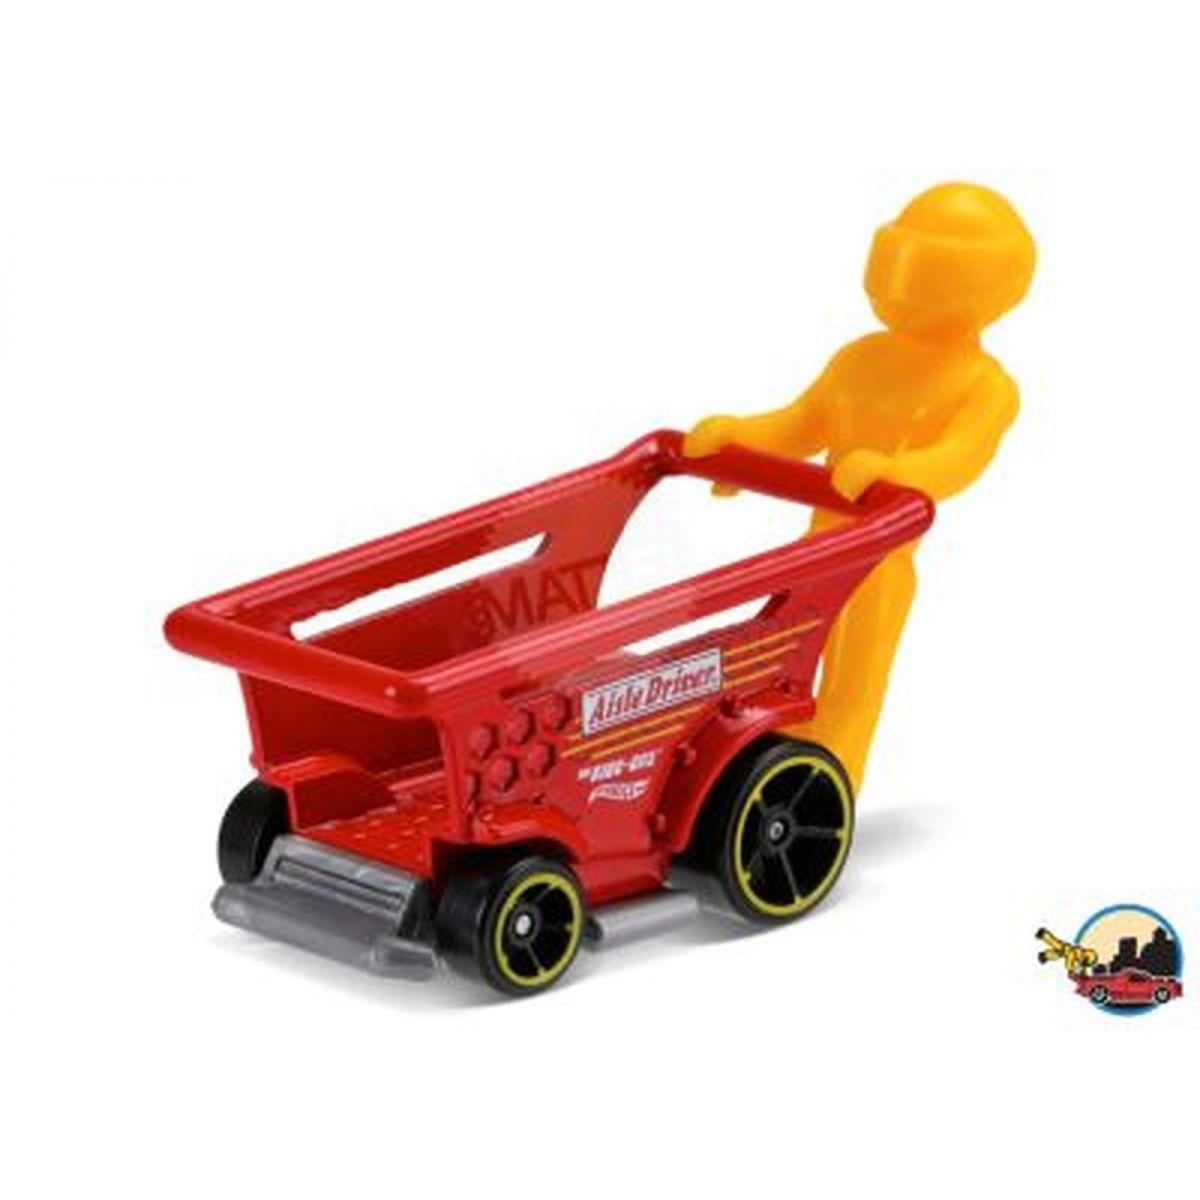 Aisle Driver - Hot Wheels